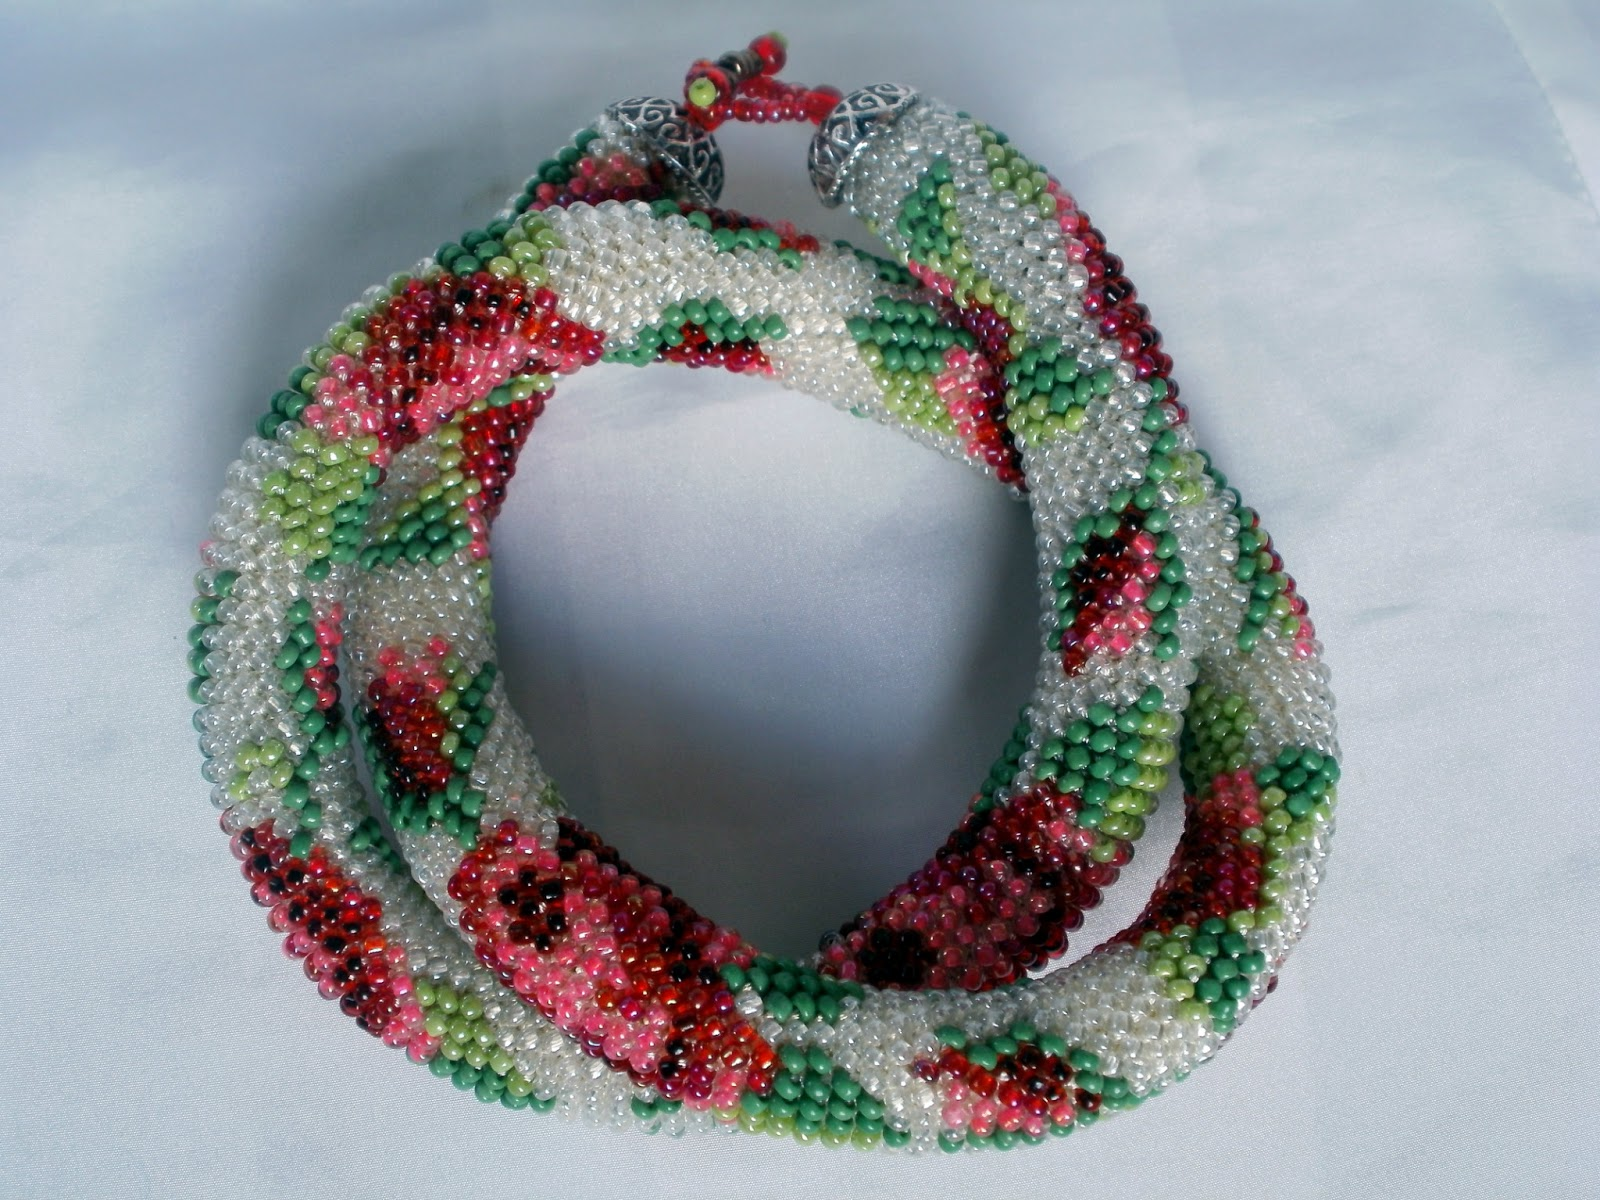 Изготовление жгута из бисера с помощью плетения по схемам